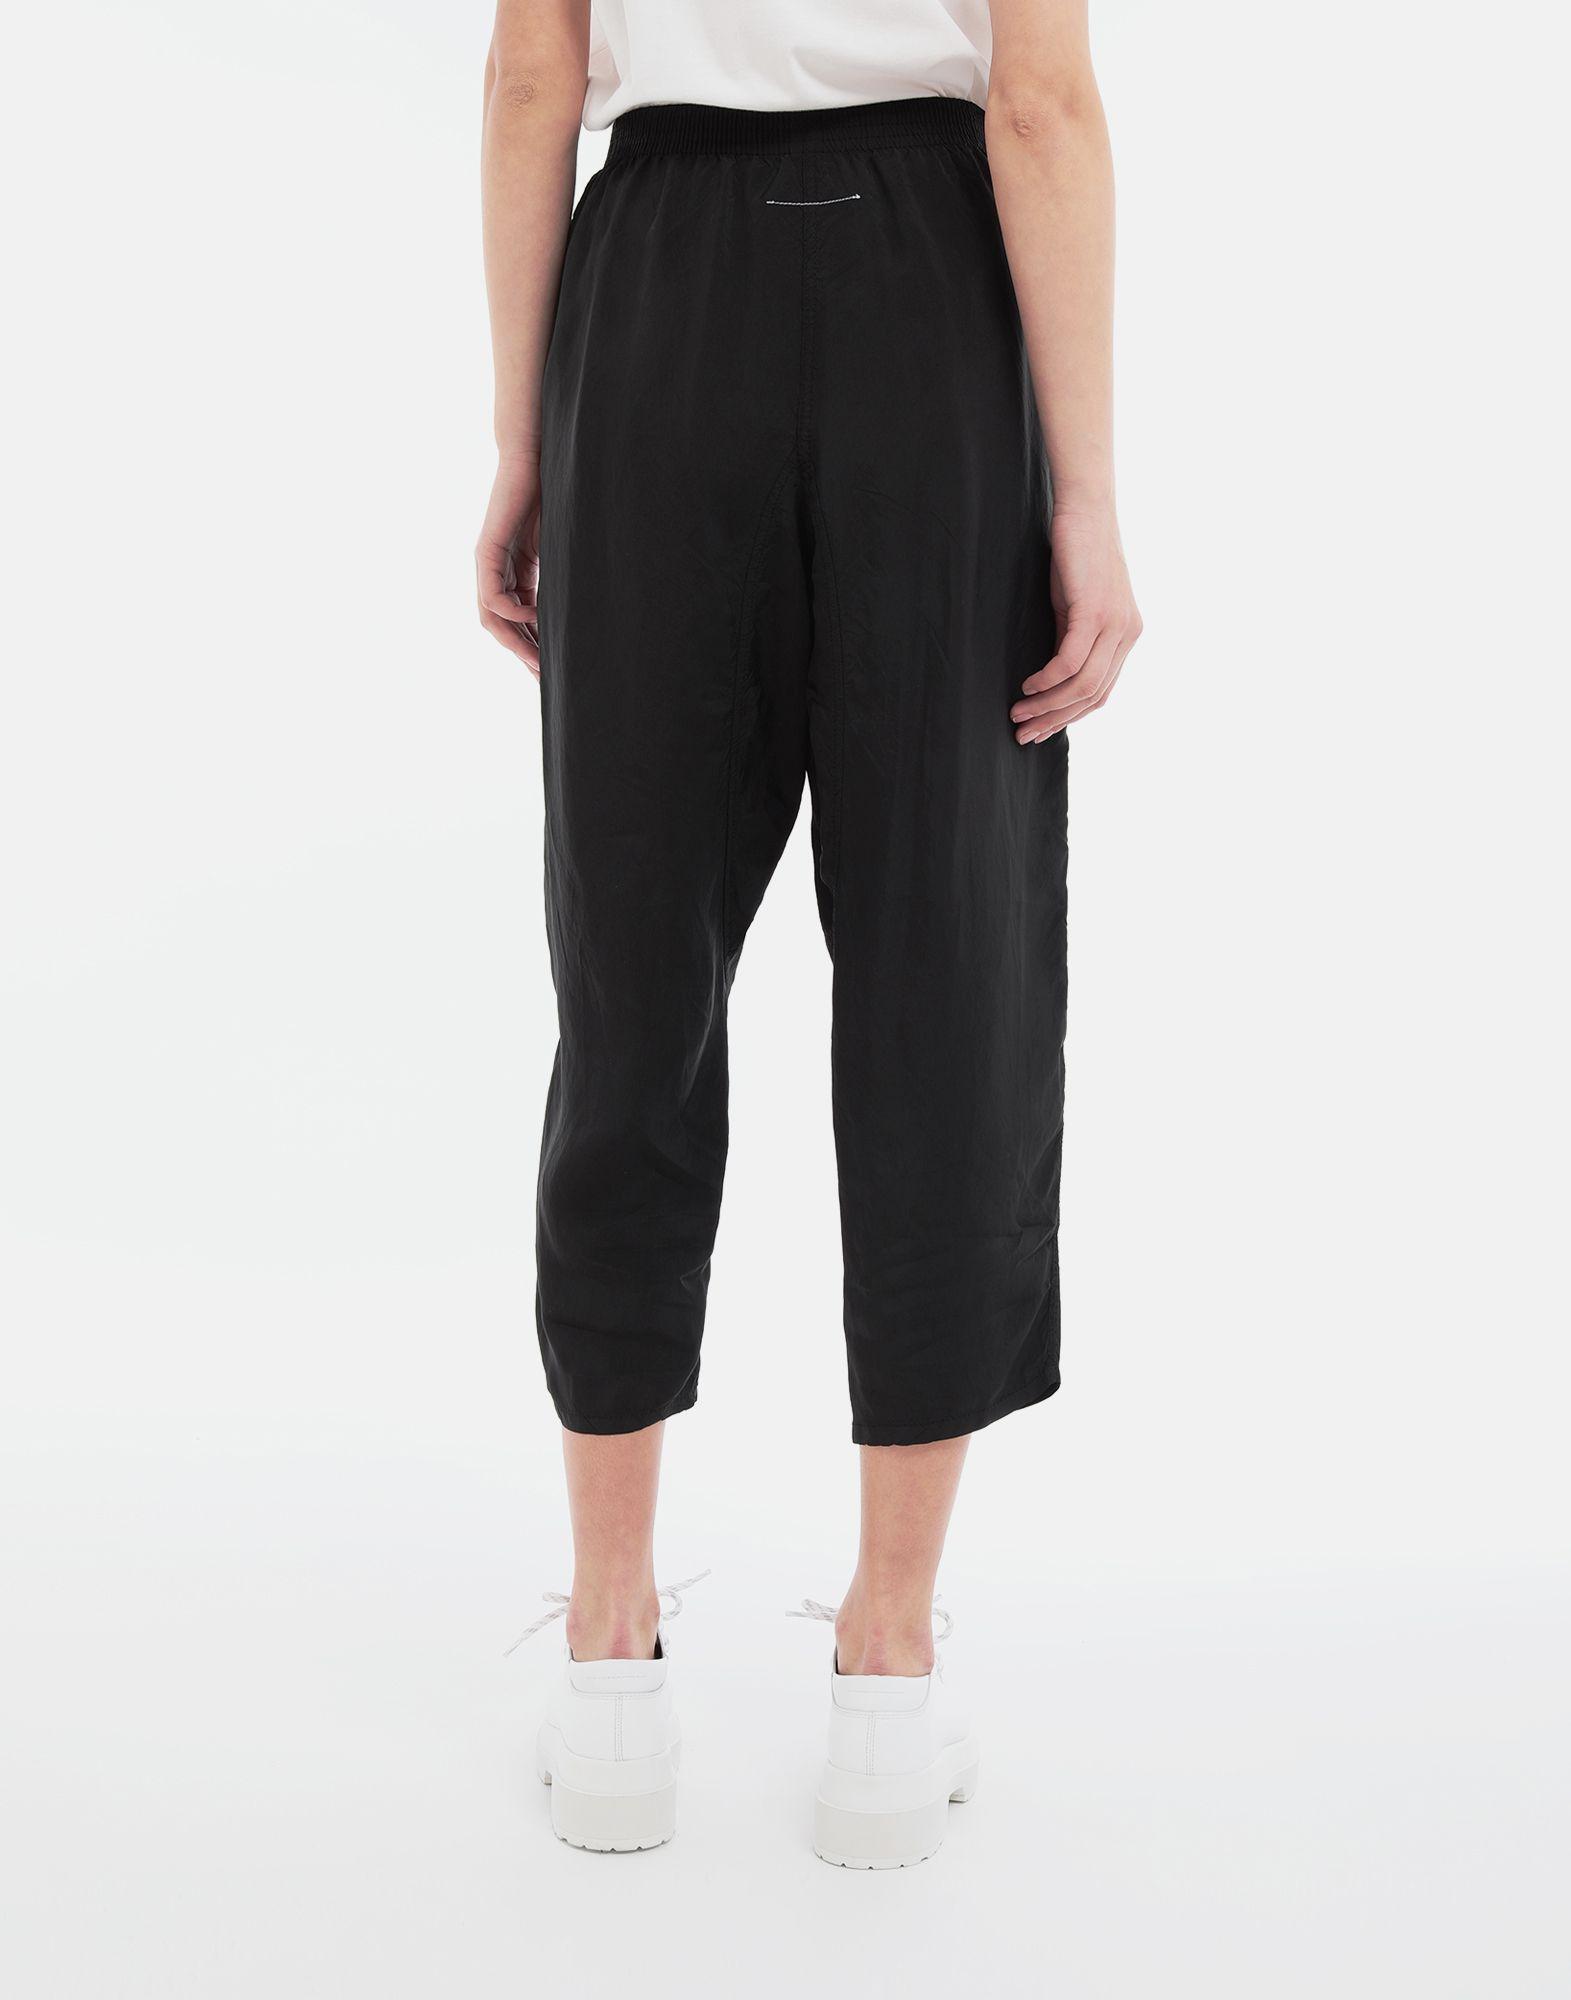 MM6 MAISON MARGIELA Casual pants Woman e